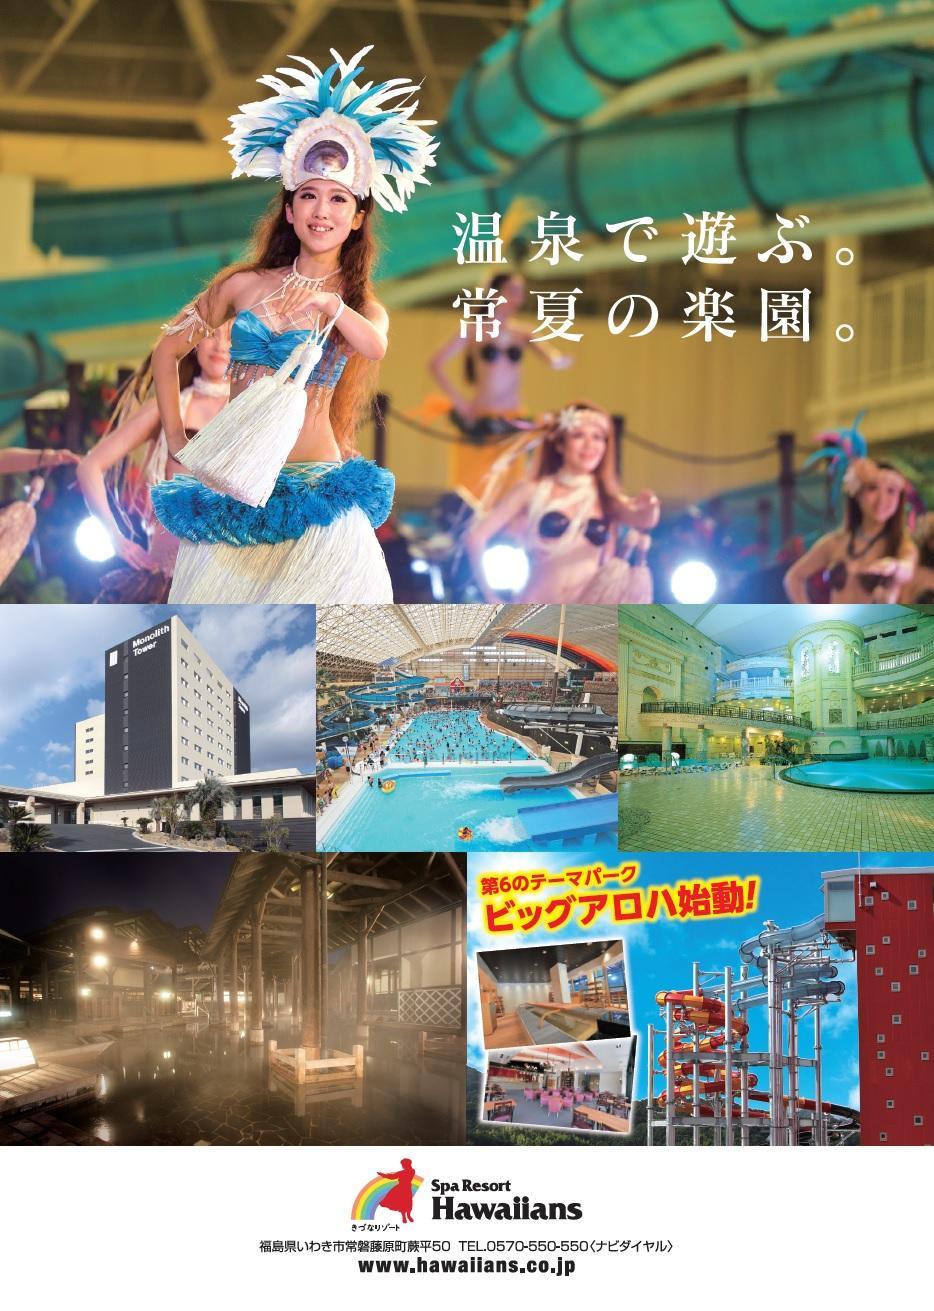 https://www.ync.ne.jp/contents/c5493670ae396325ce20001de21806df.jpg